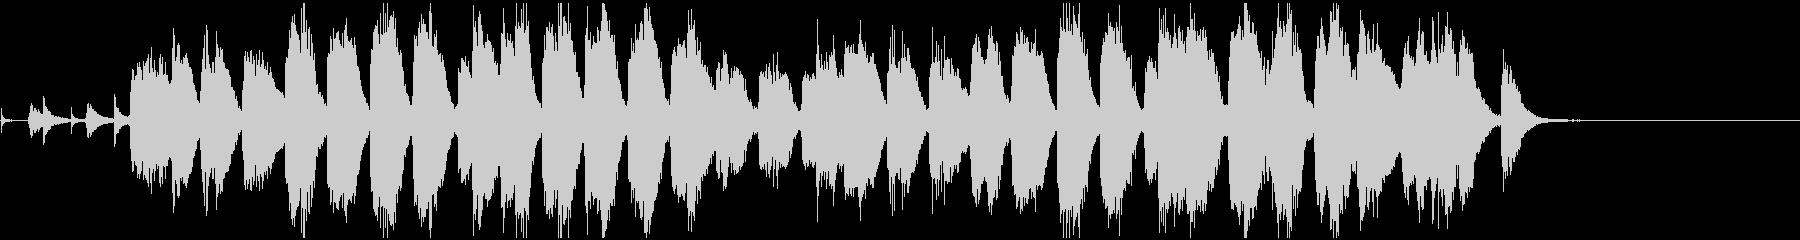 のんびりほのぼのしたピアノソロの未再生の波形